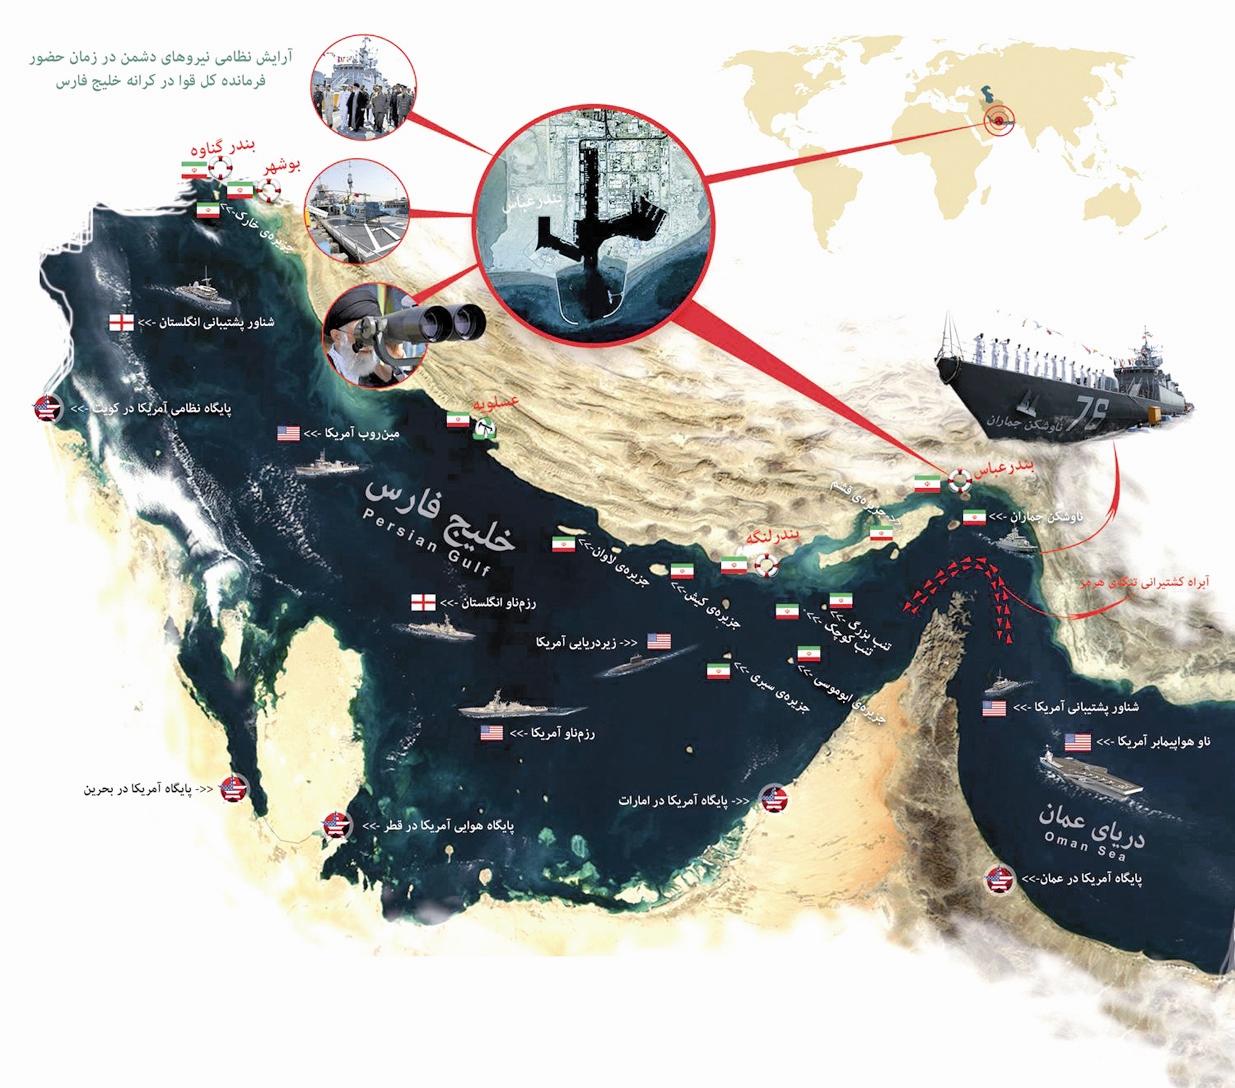 خلیج فارس - توان نظامی ایران